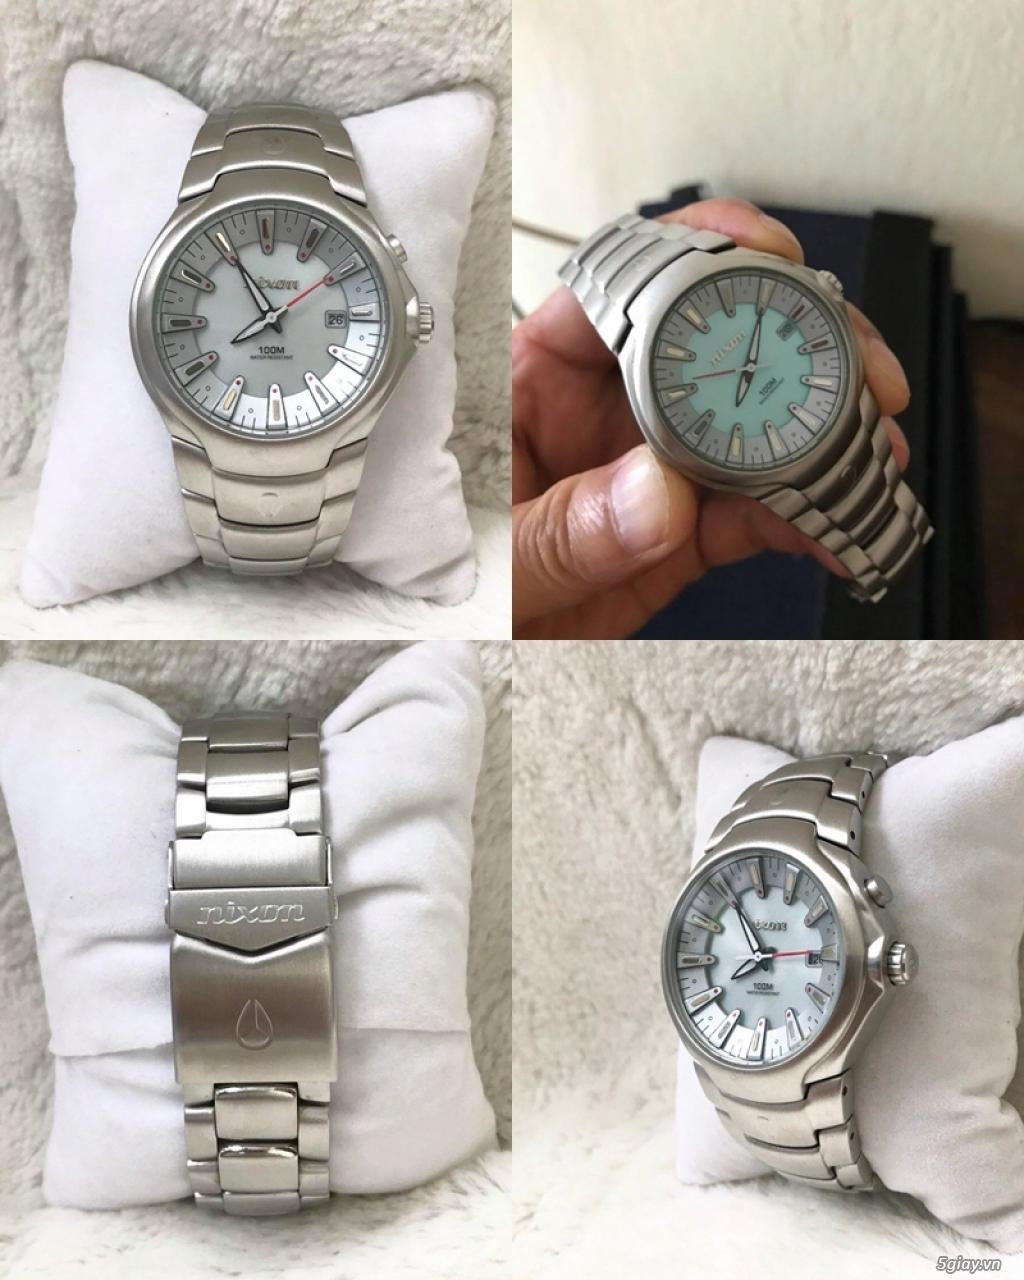 Kho đồng hồ xách tay chính hãng secondhand update liên tục - 29